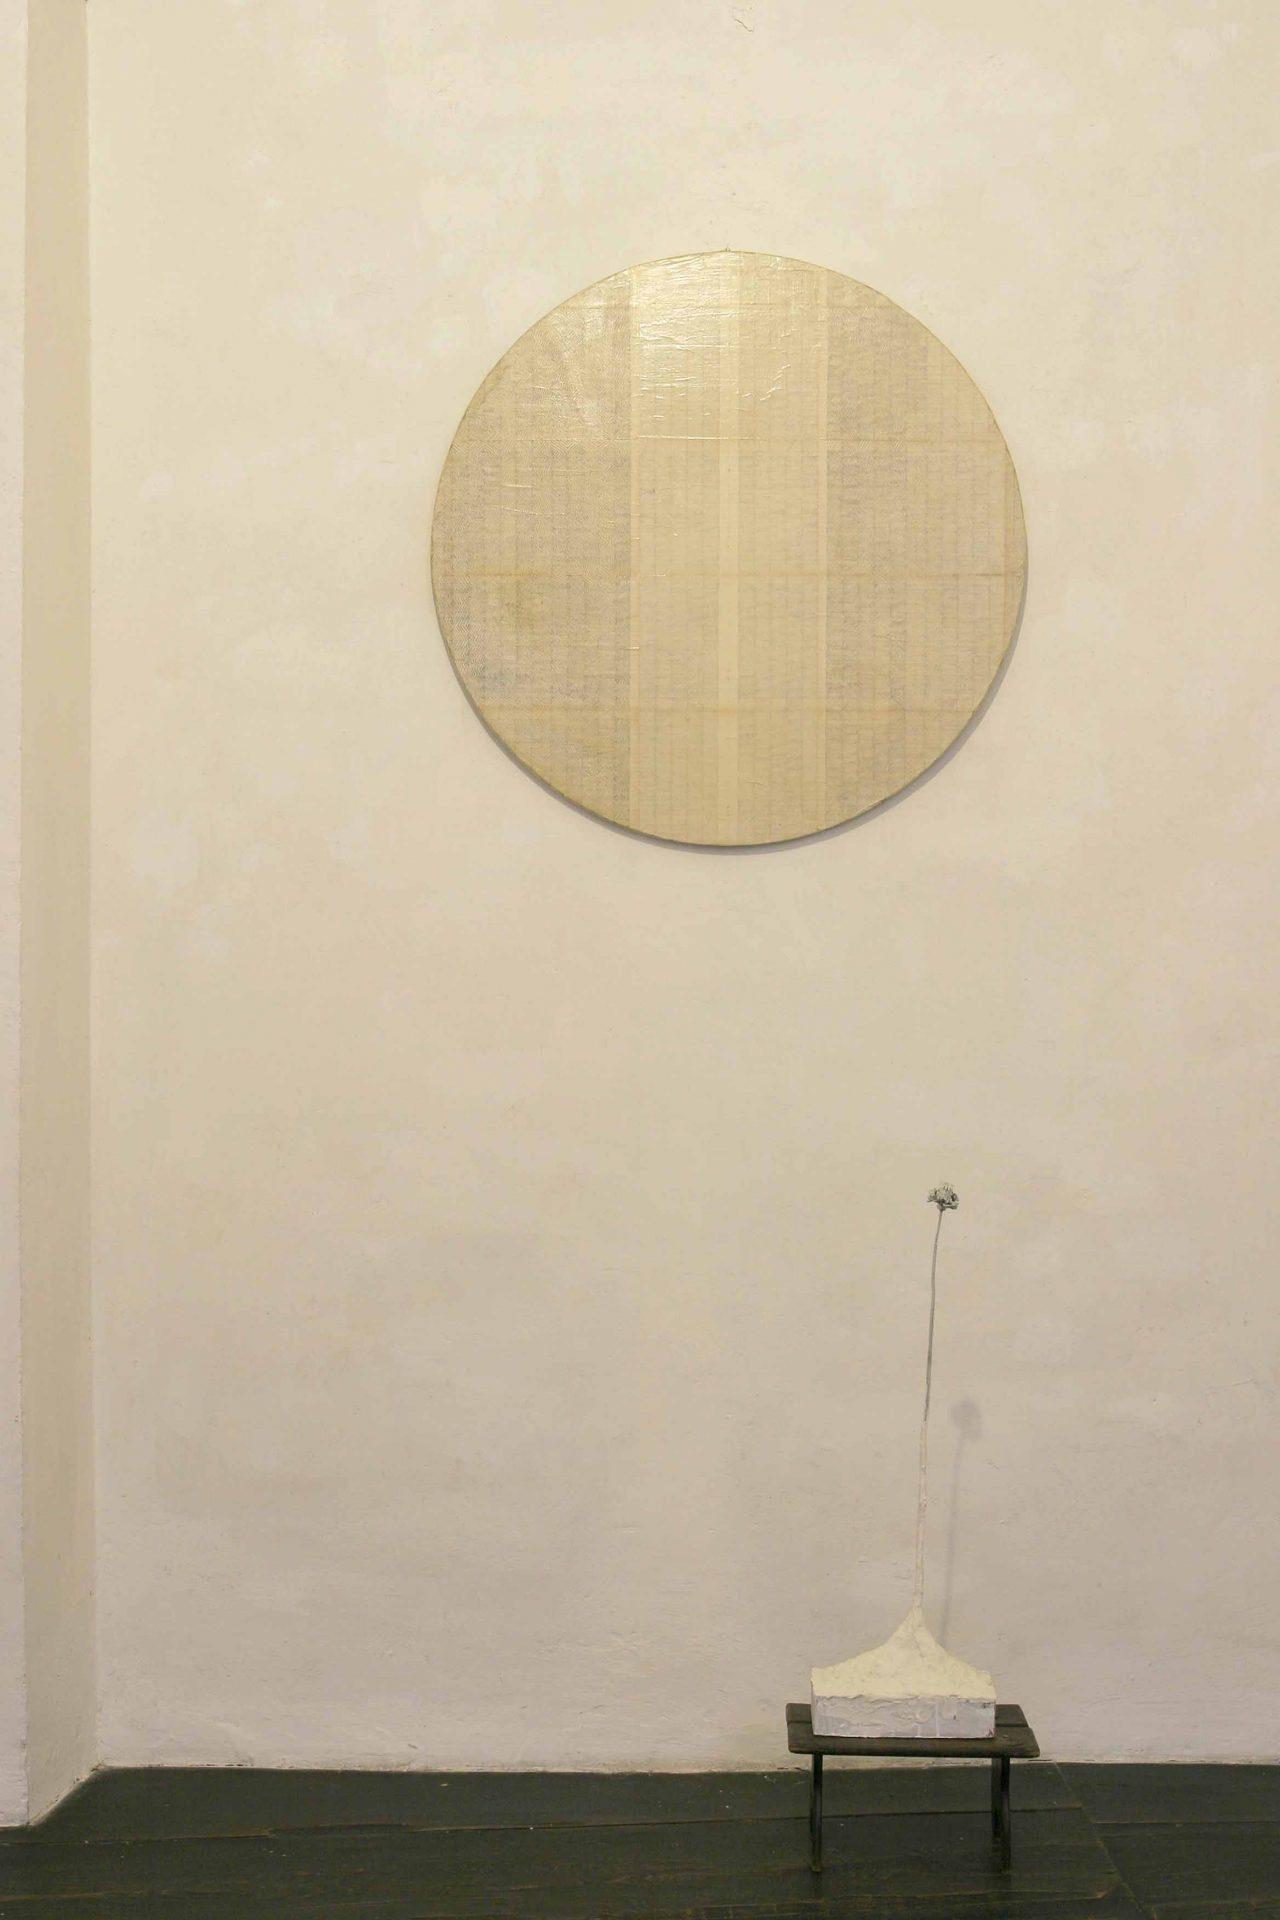 Fiore con cerchio - installazione galleria Miralli Rieti